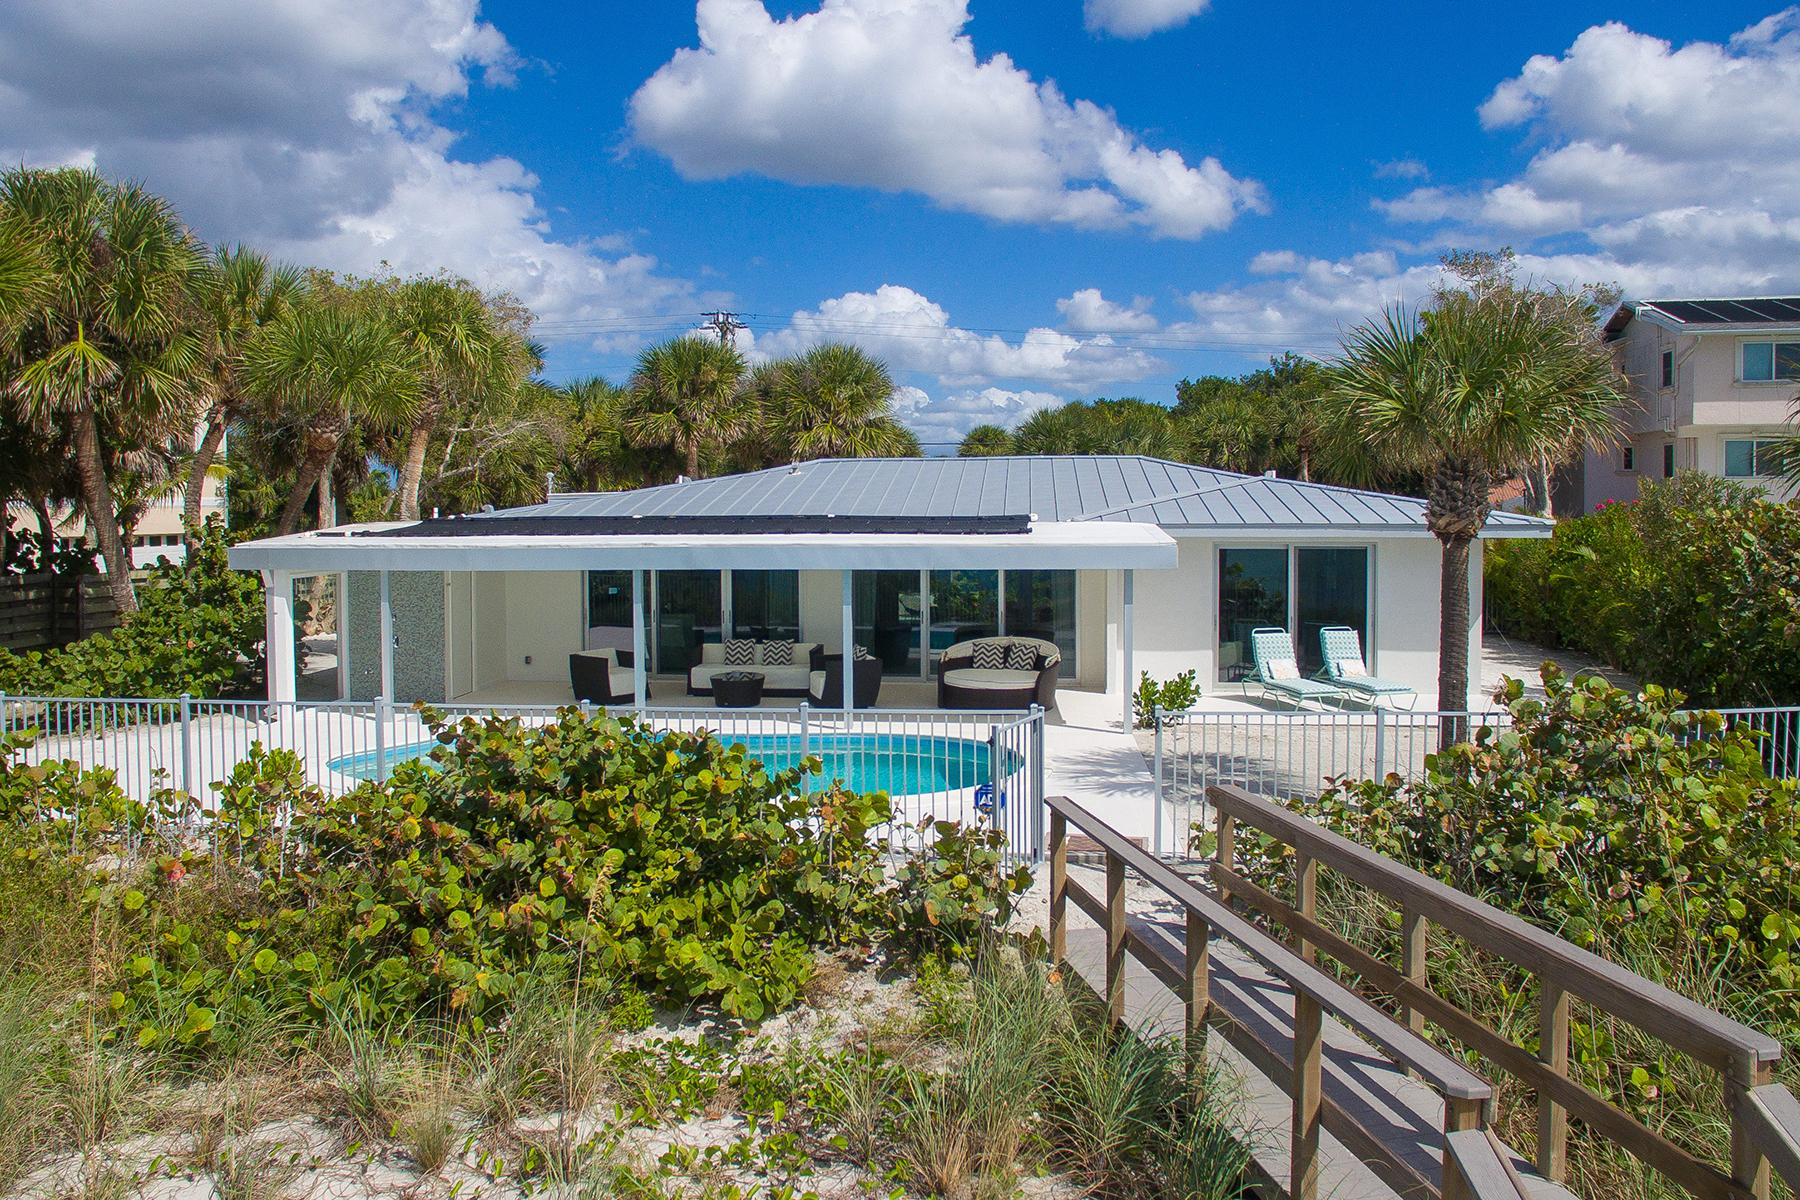 独户住宅 为 销售 在 MANASOTA KEY ISLAND 8040 Manasota Key Rd 恩格尔伍德, 佛罗里达州, 34223 美国